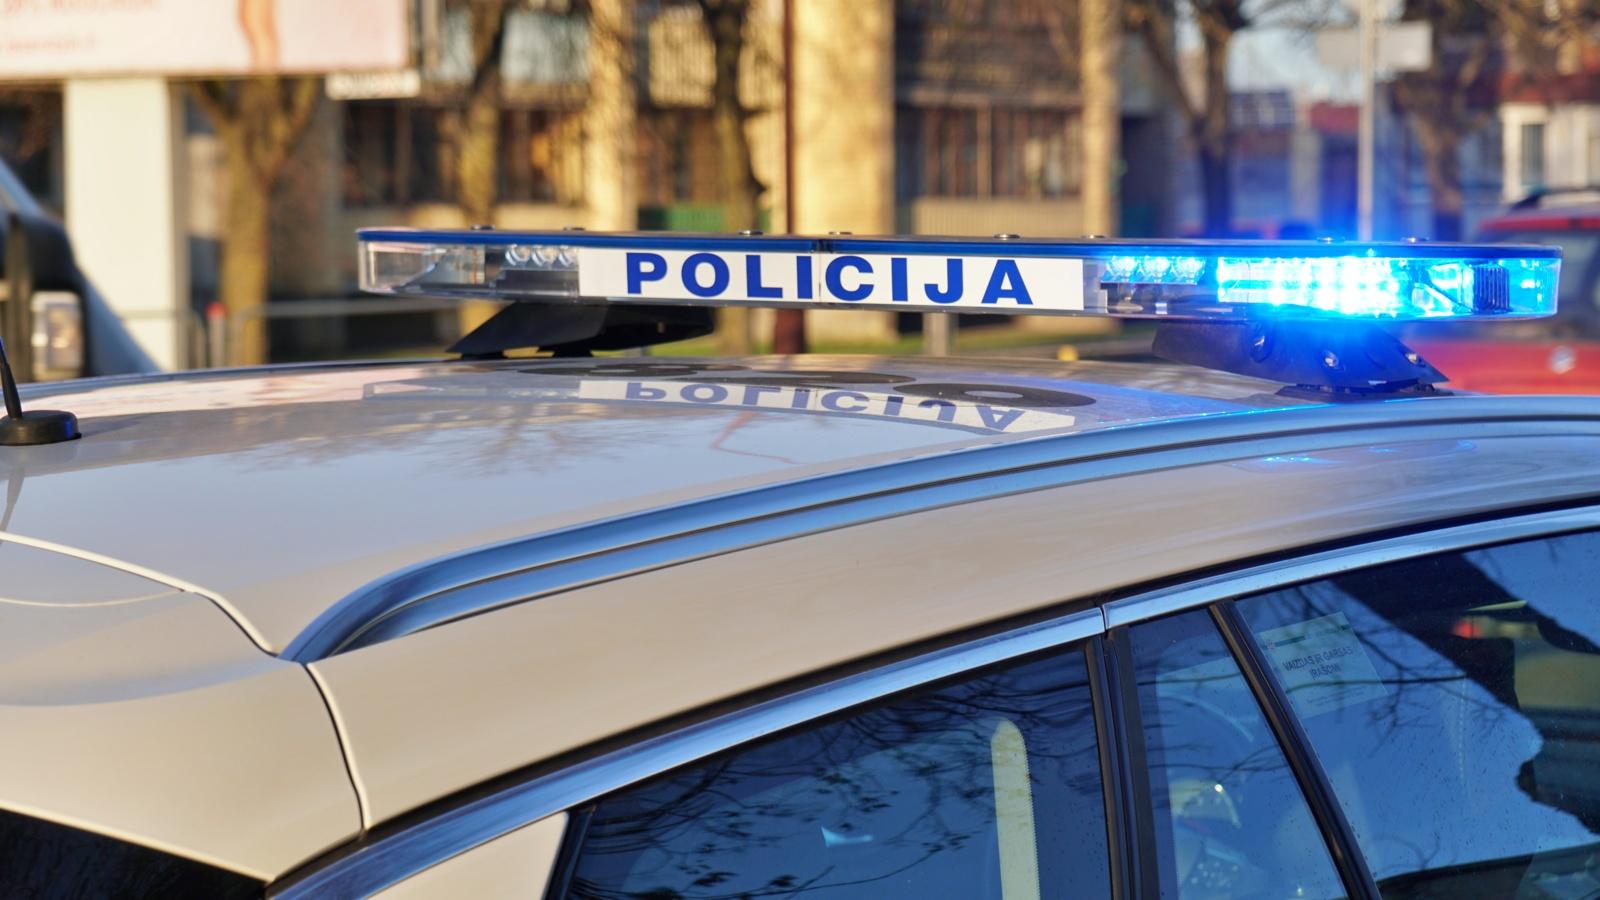 Marijampolėje nužudytas vyras, įtariamasis uždarytas į areštinę